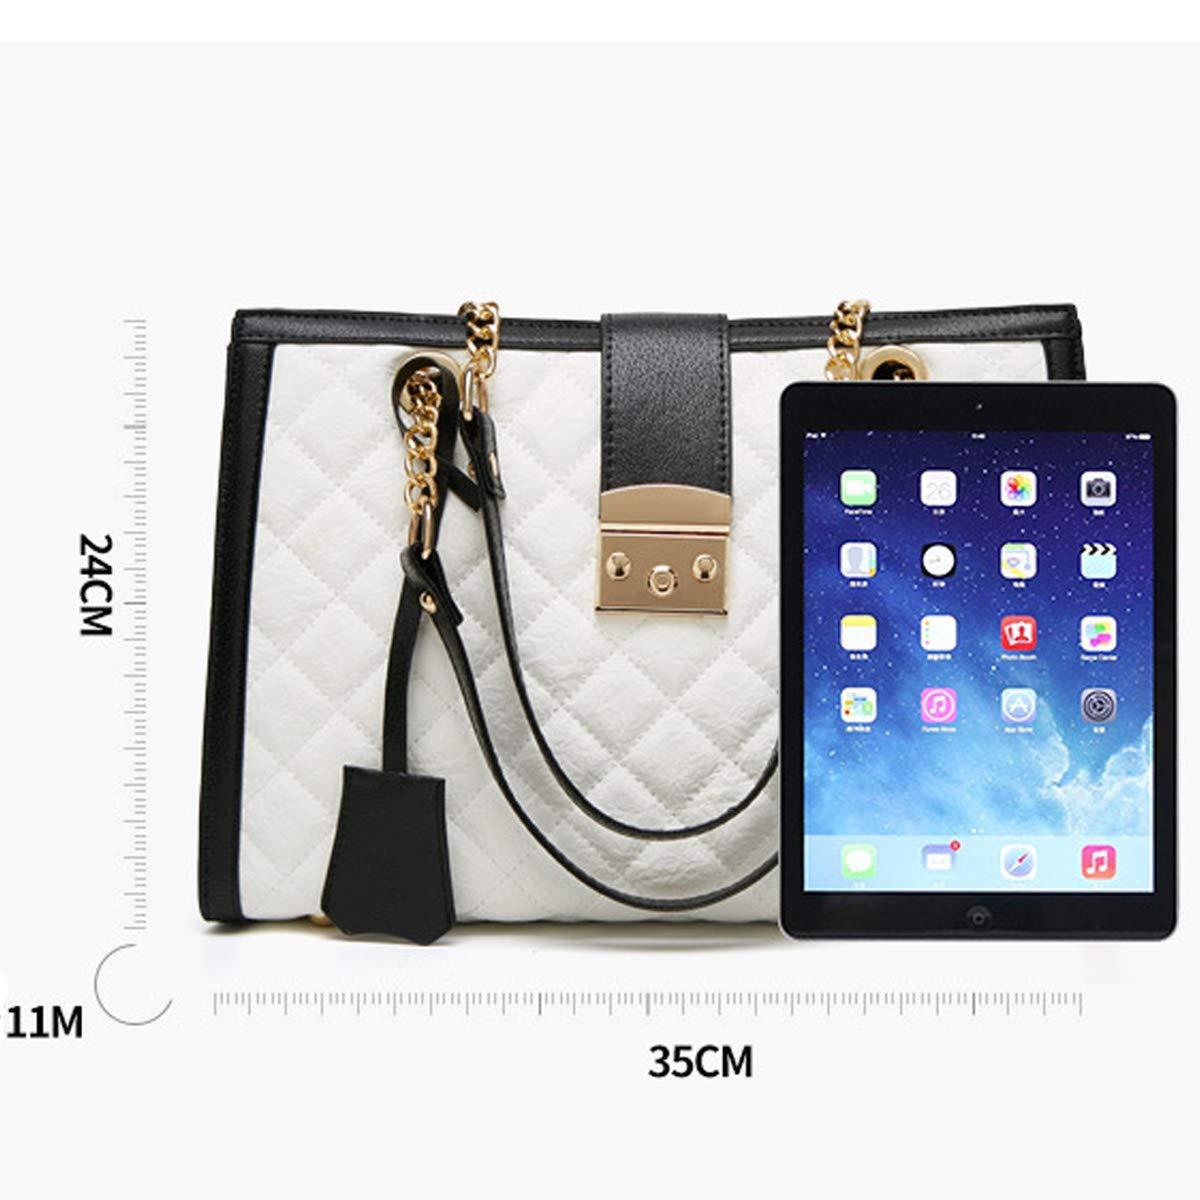 Sac /à bandouli/ère Lingge Chain Bag Sac /à bandouli/ère grande capacit/é Sac /à bandouli/ère Sac /à langer Rose, 35/×11/×24cm